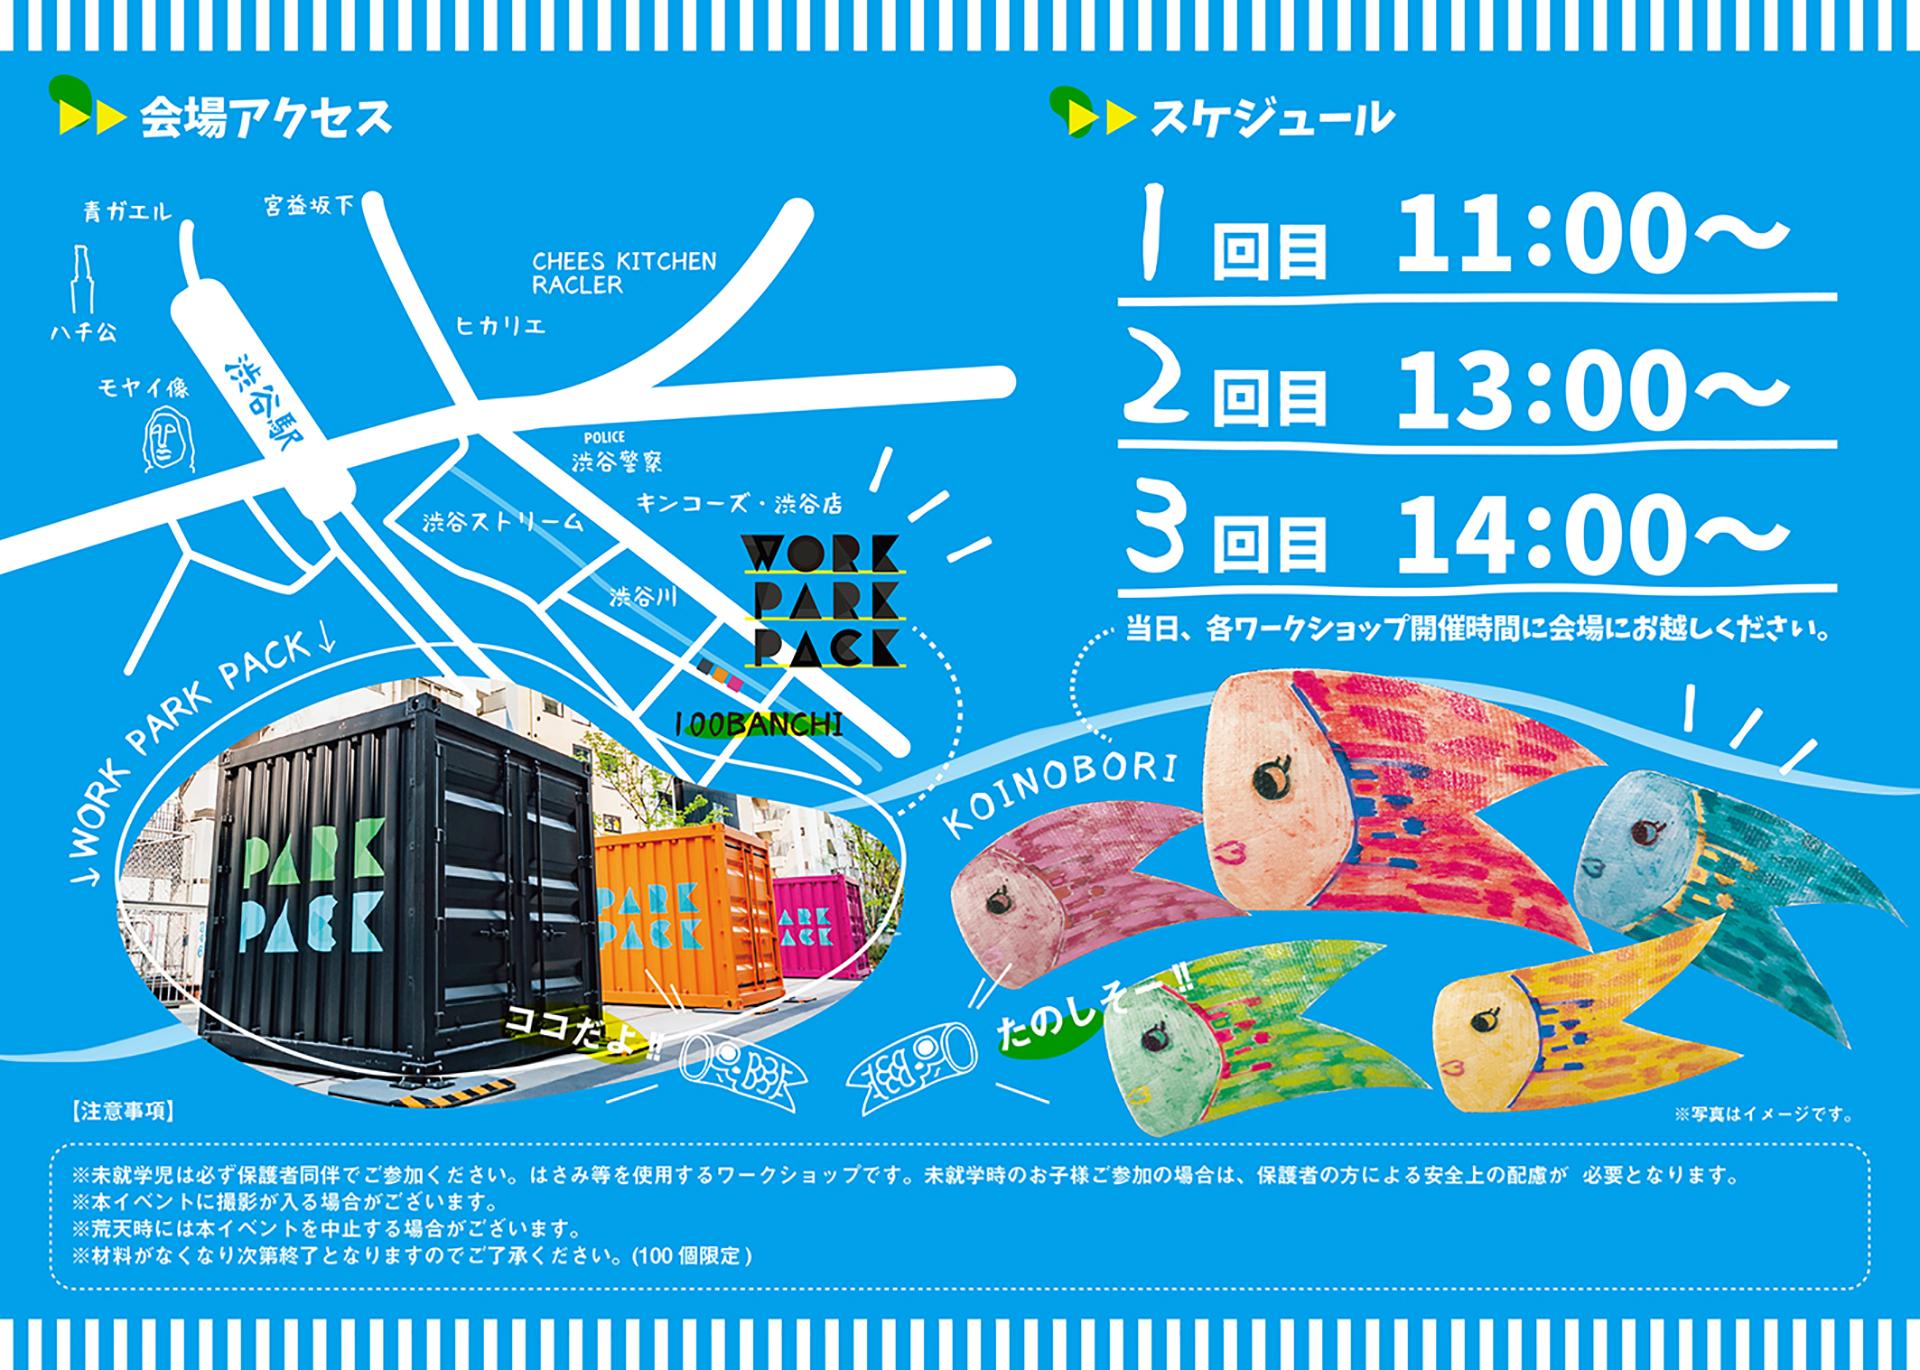 渋谷川に鯉のぼり